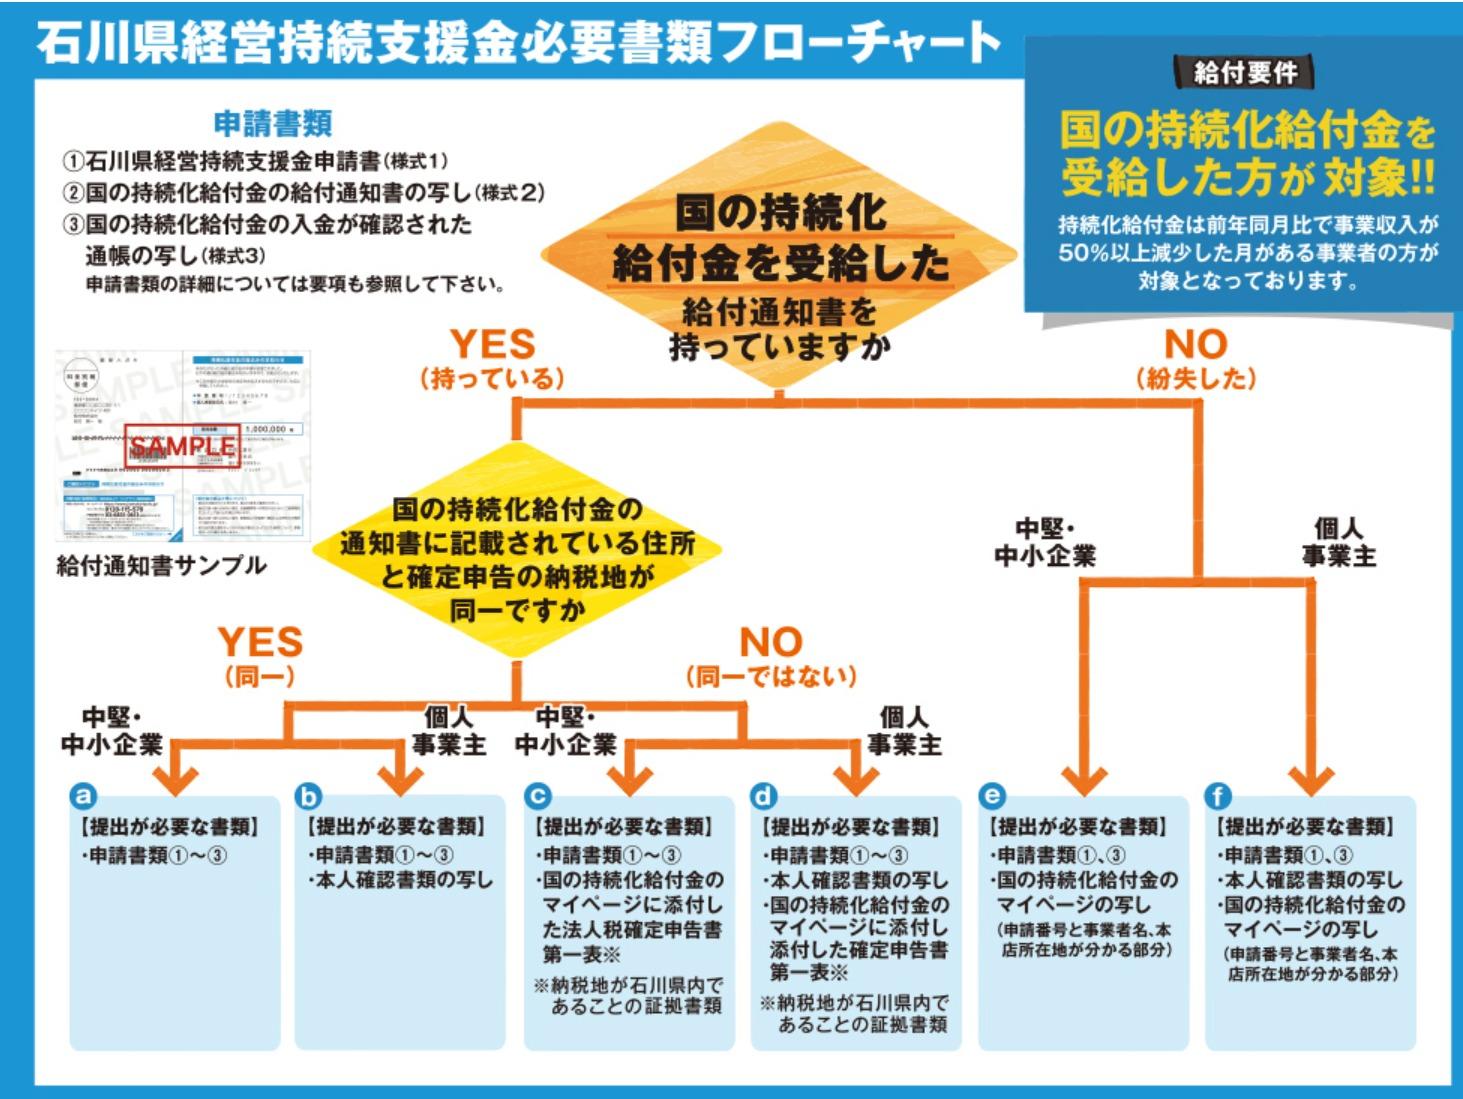 石川県経営持続支援金